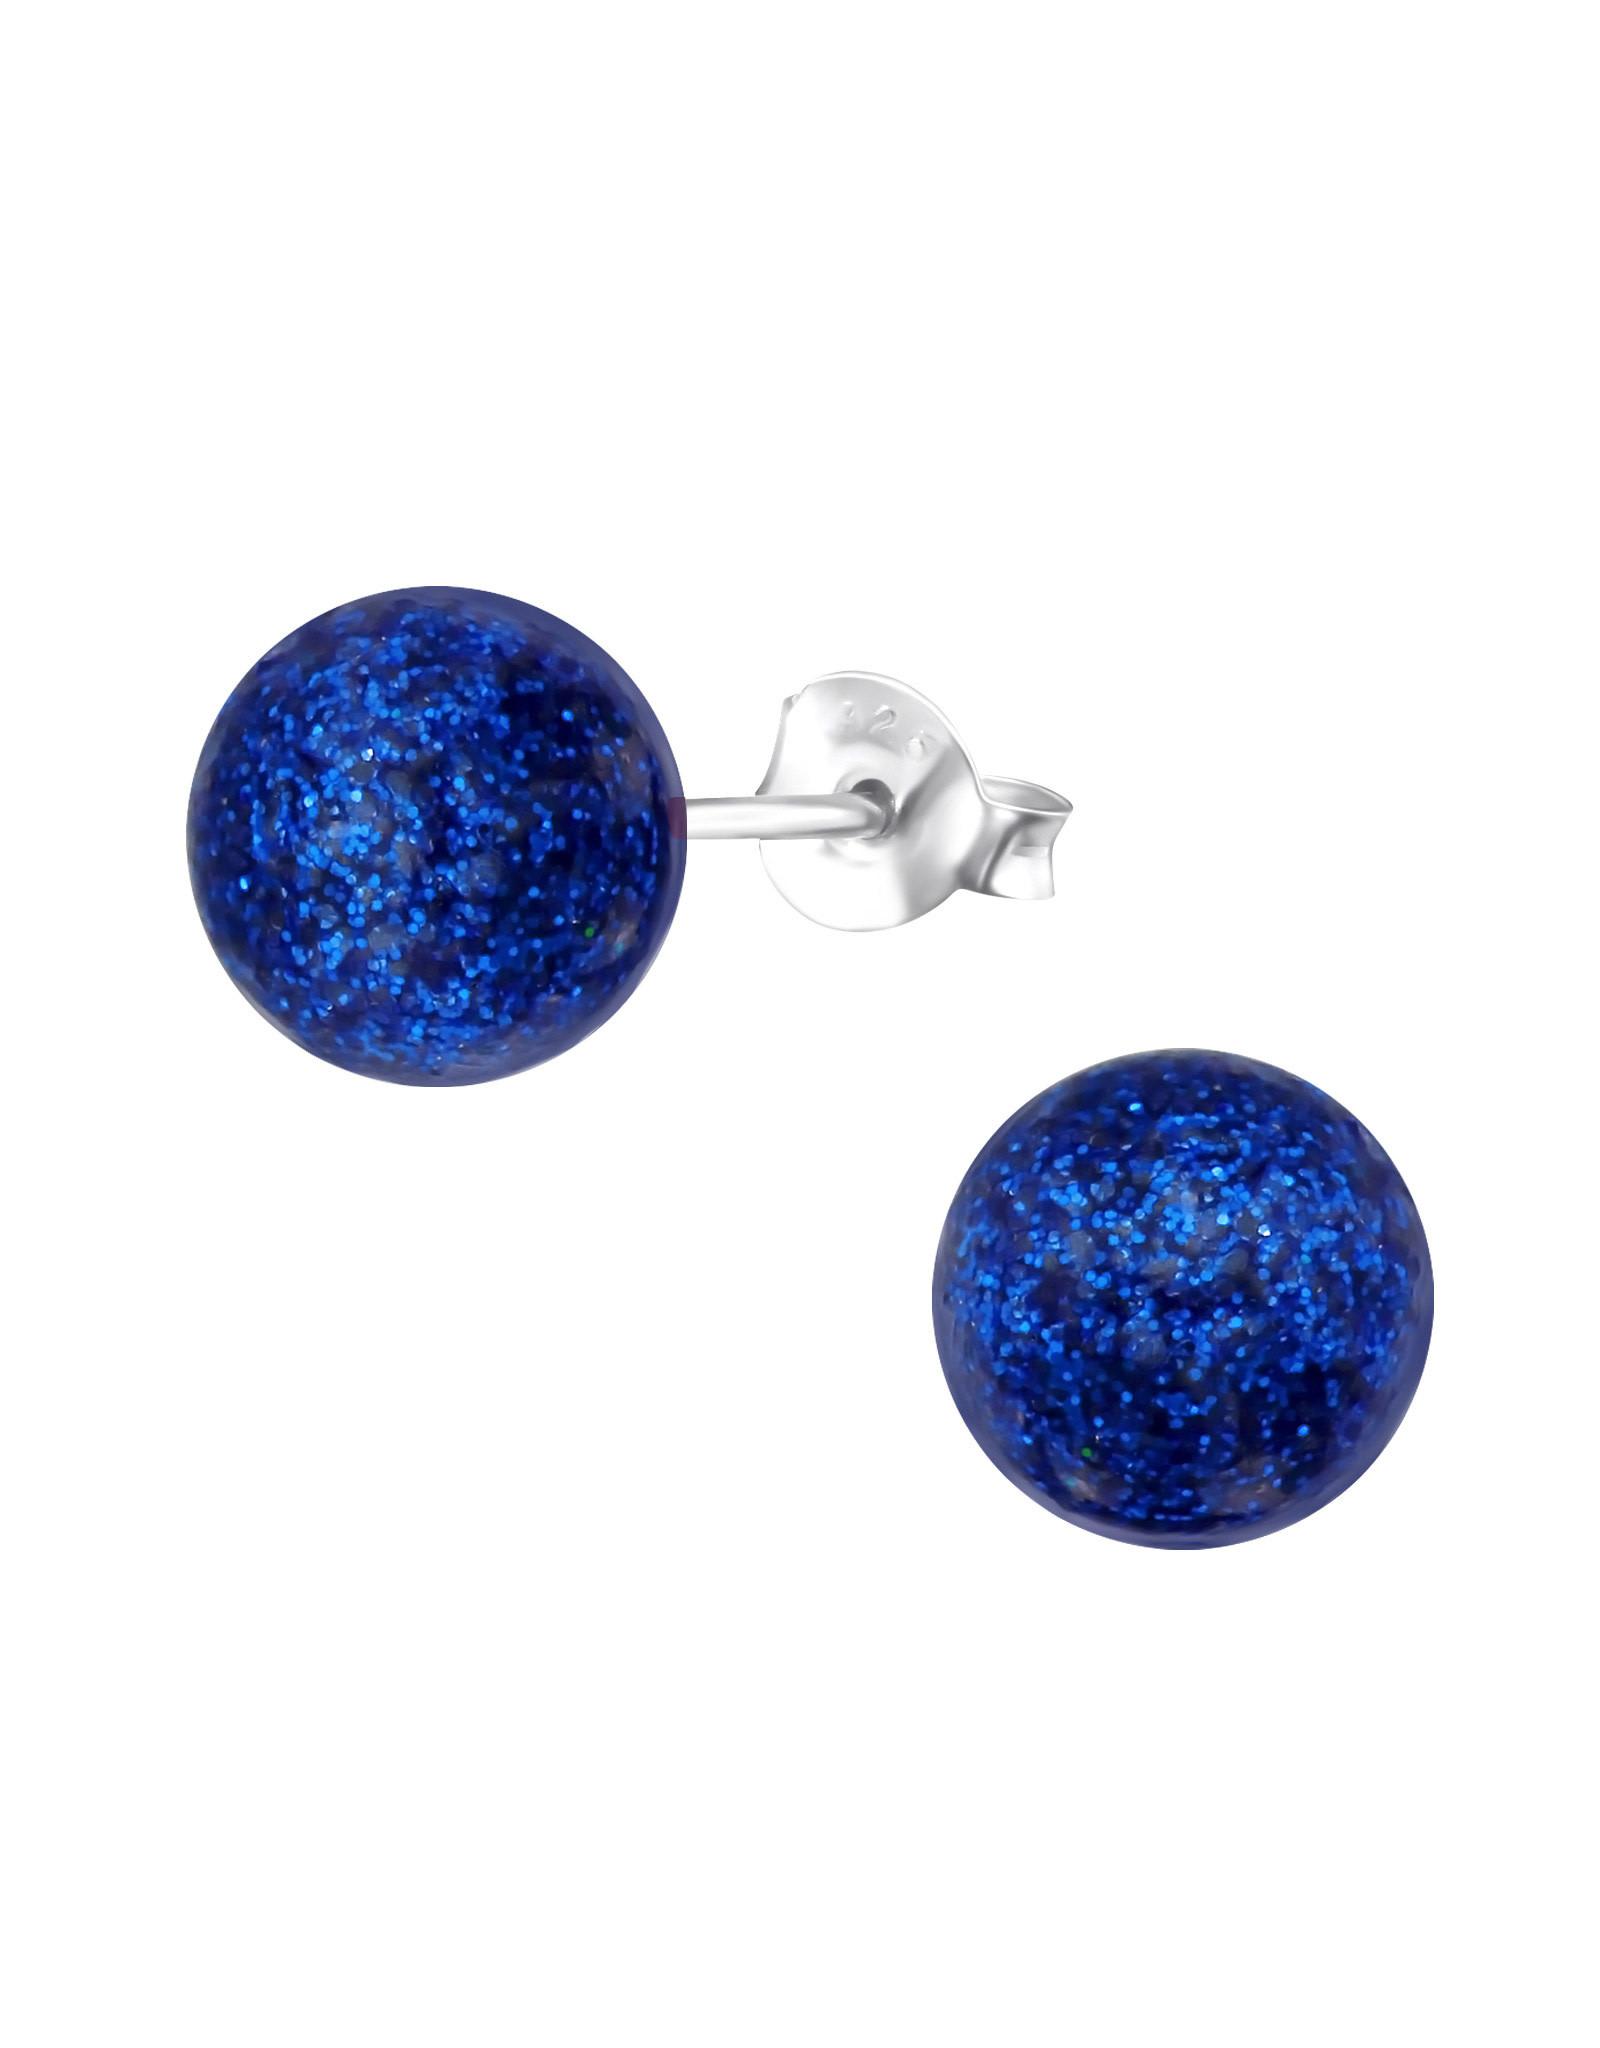 Stekertjes zilver bolletje 6mm glitter blauw